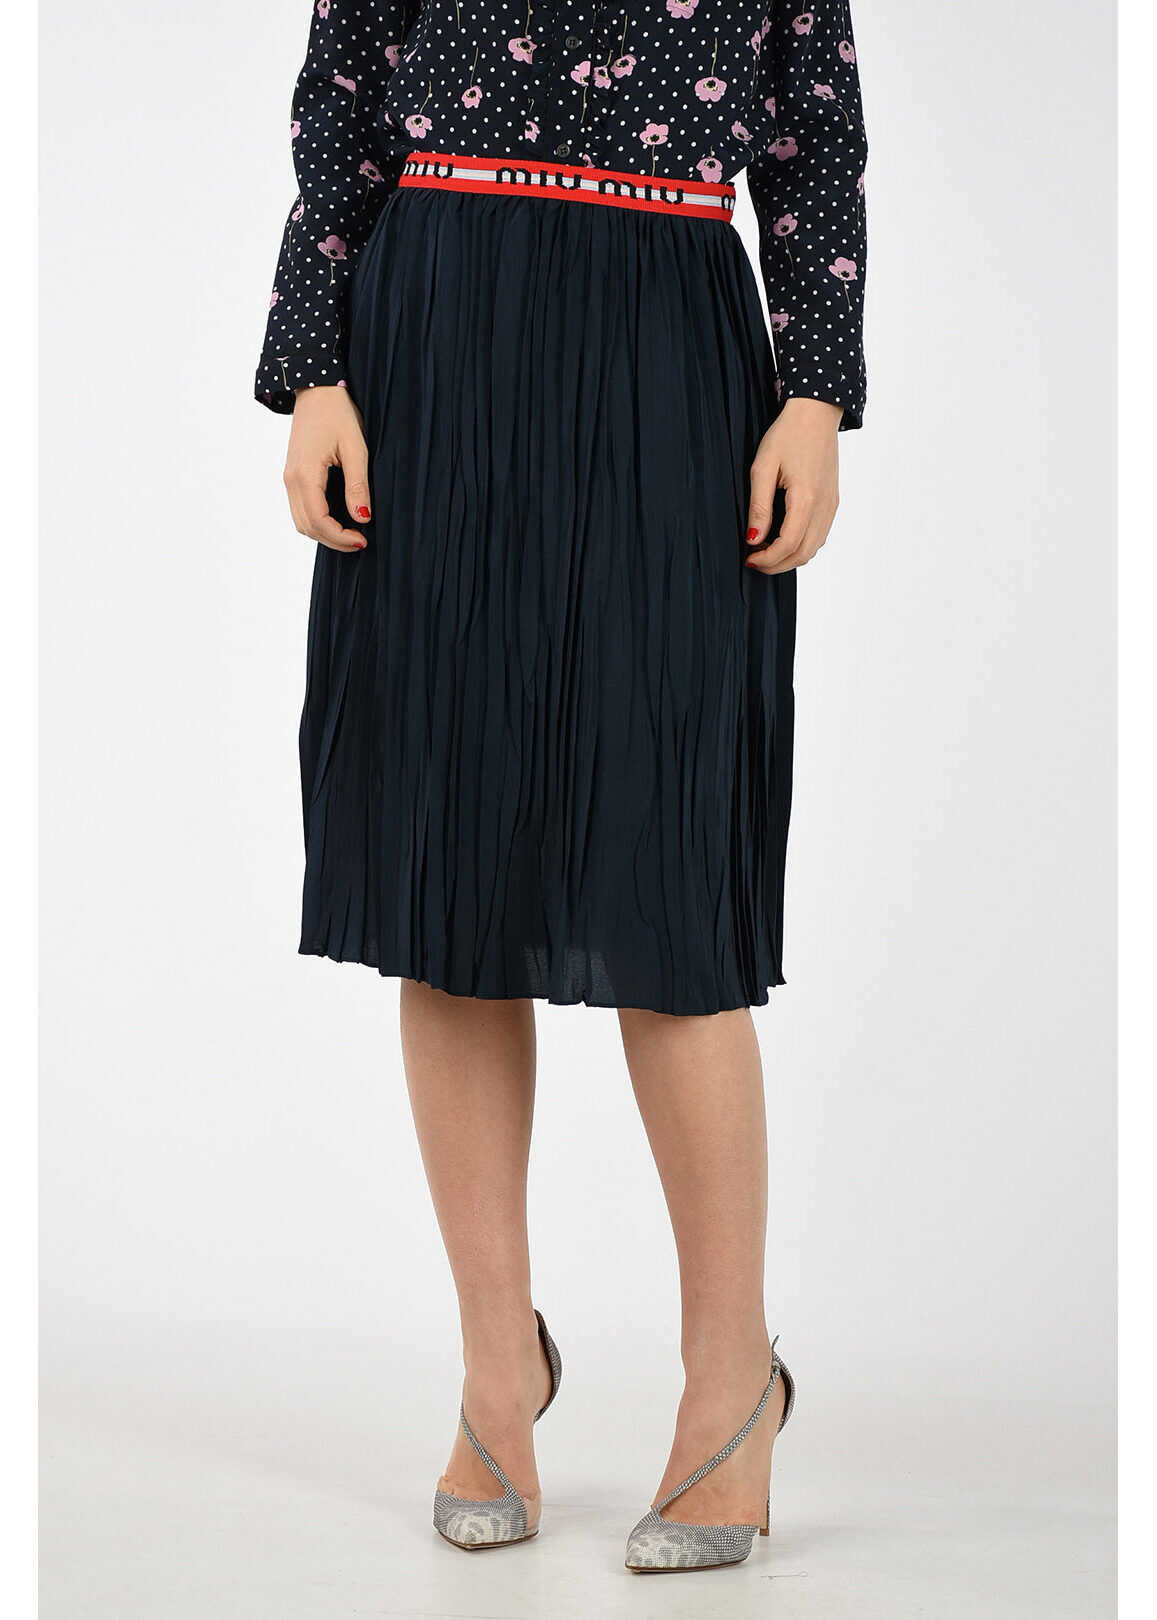 Miu Miu Plisse Skirt MIDNIGHT BLUE